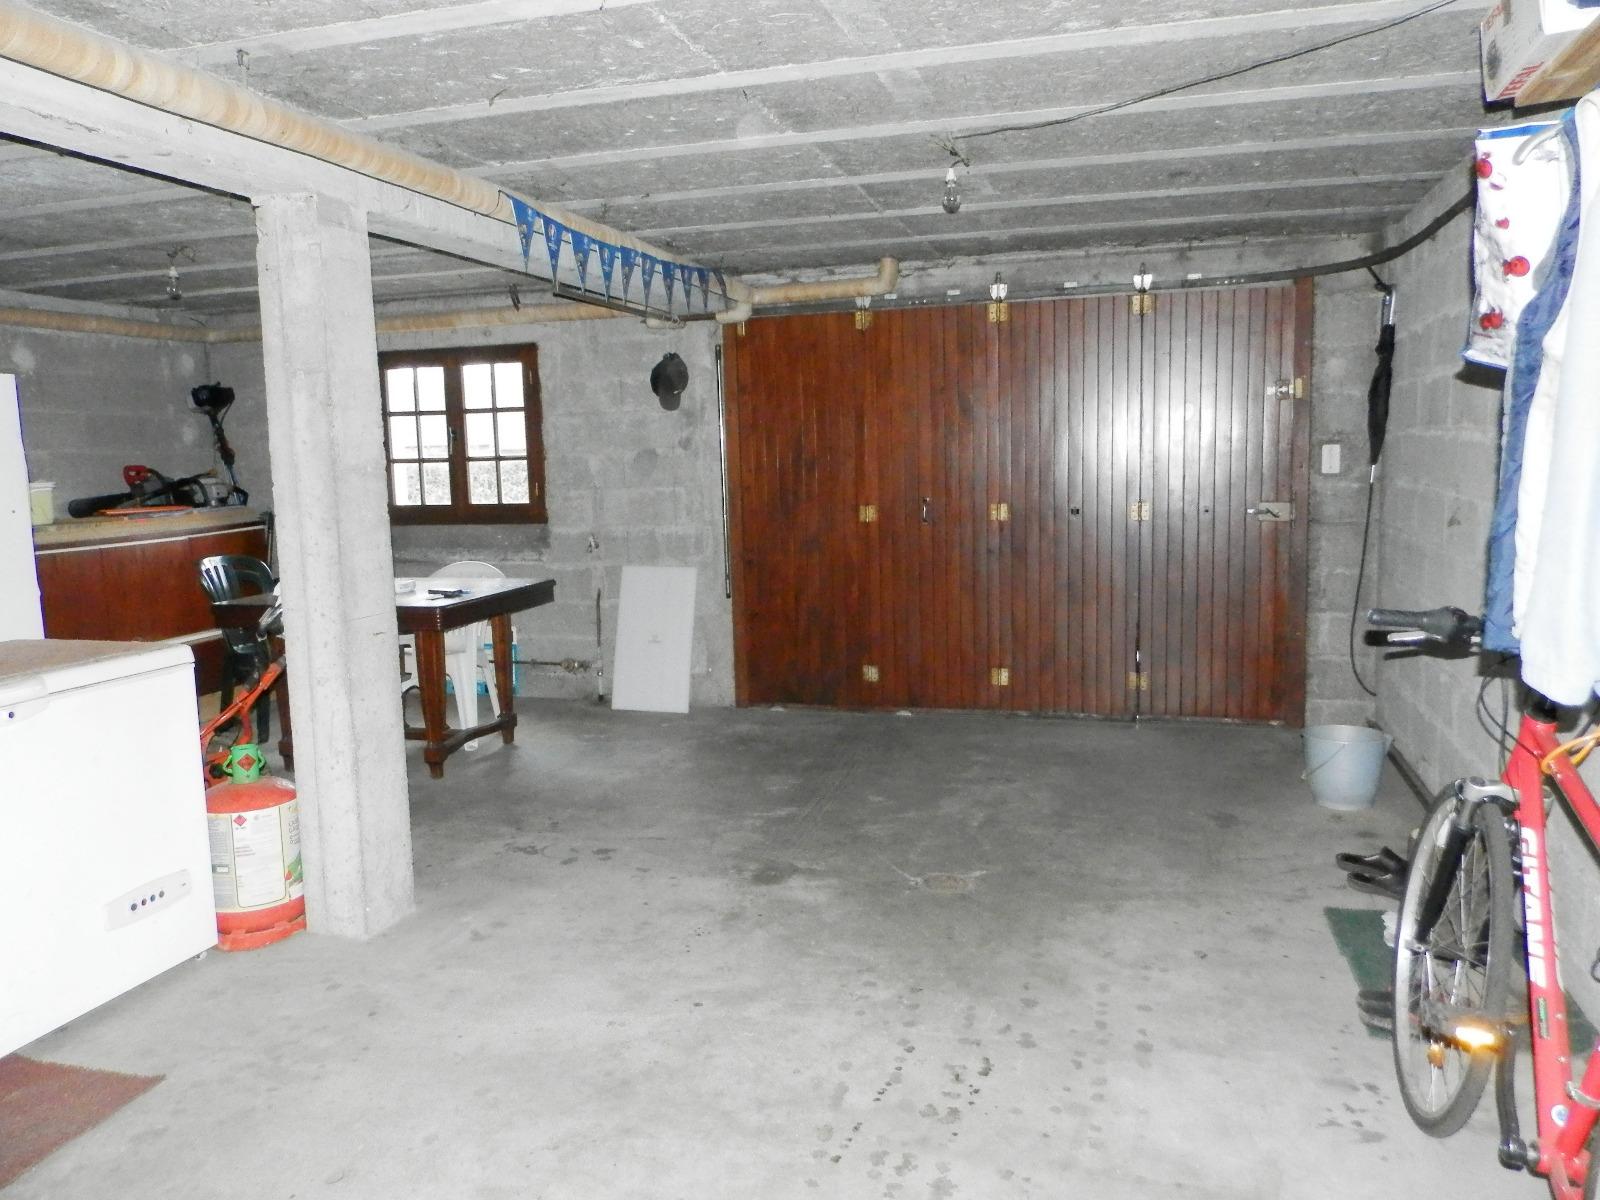 Vente louhans 71 maison de construction traditionnelle for Construction traditionnelle